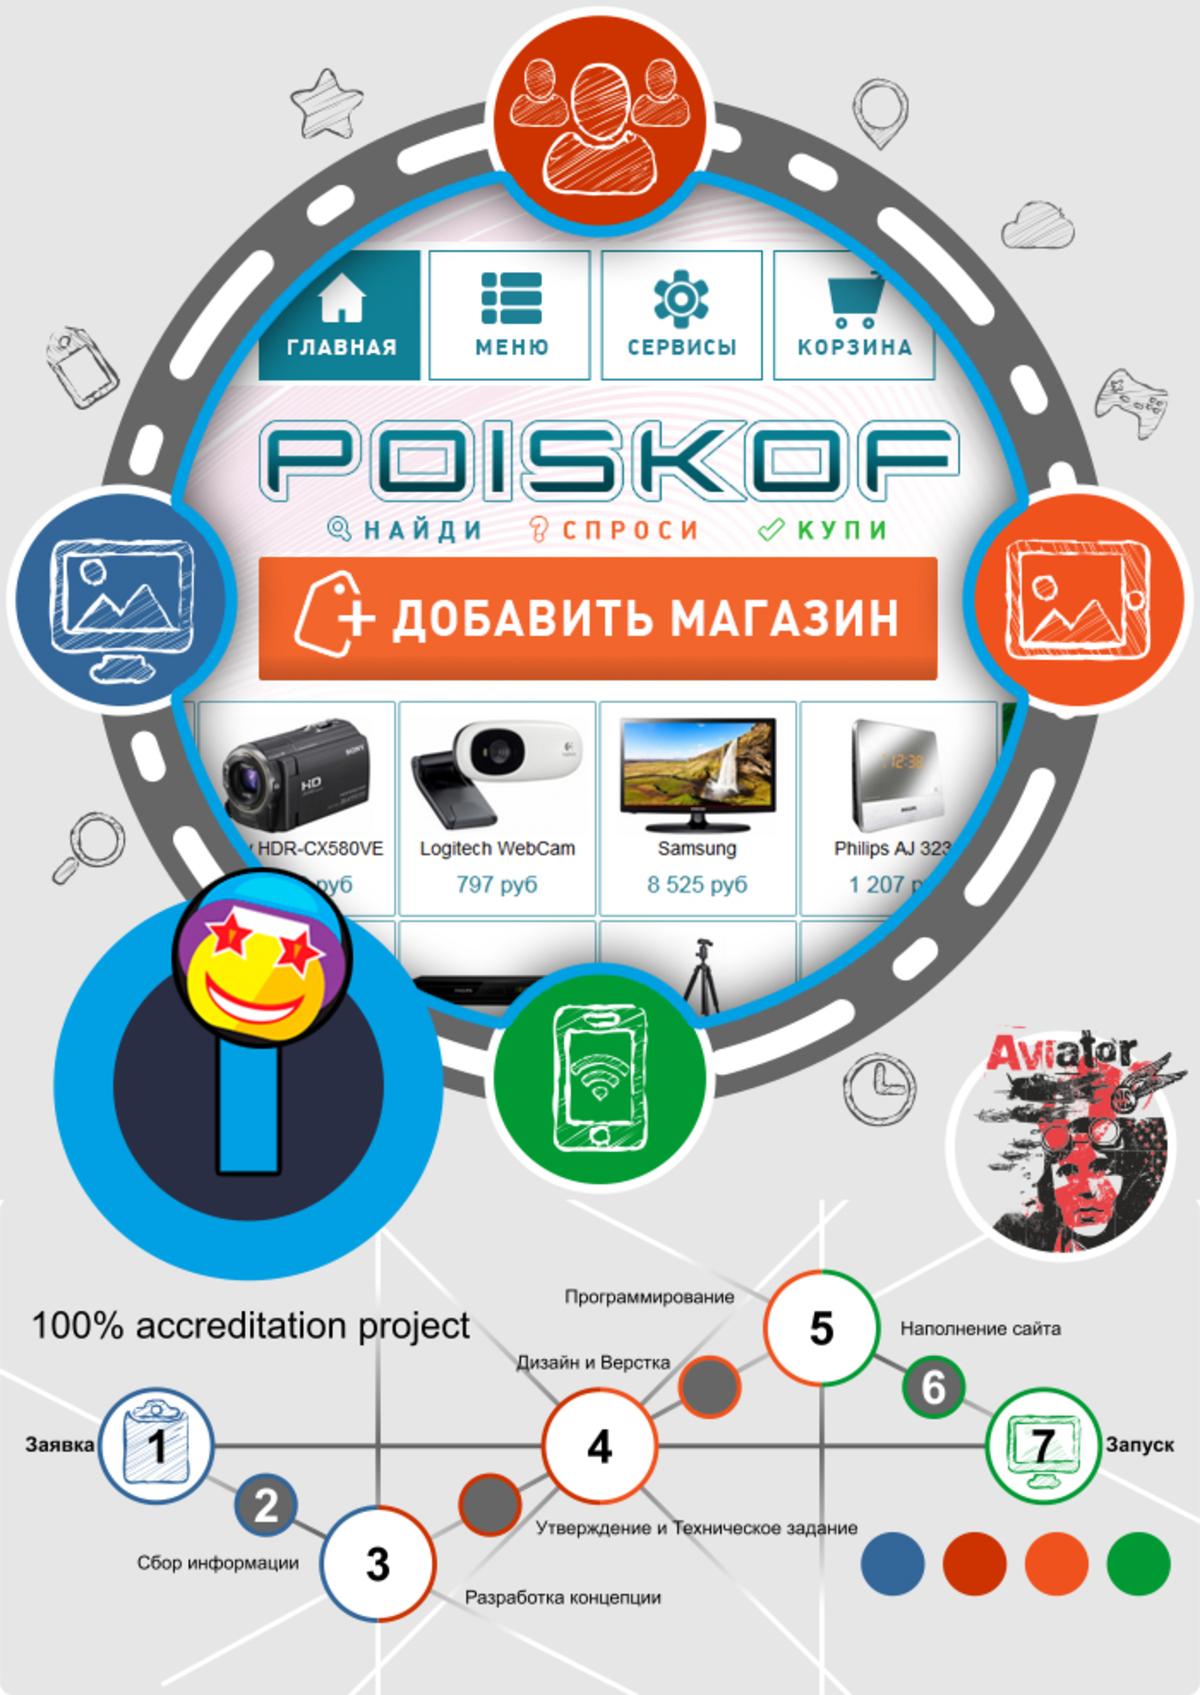 Poiskof - Система поиска товаров / Проект компании Supergud COM